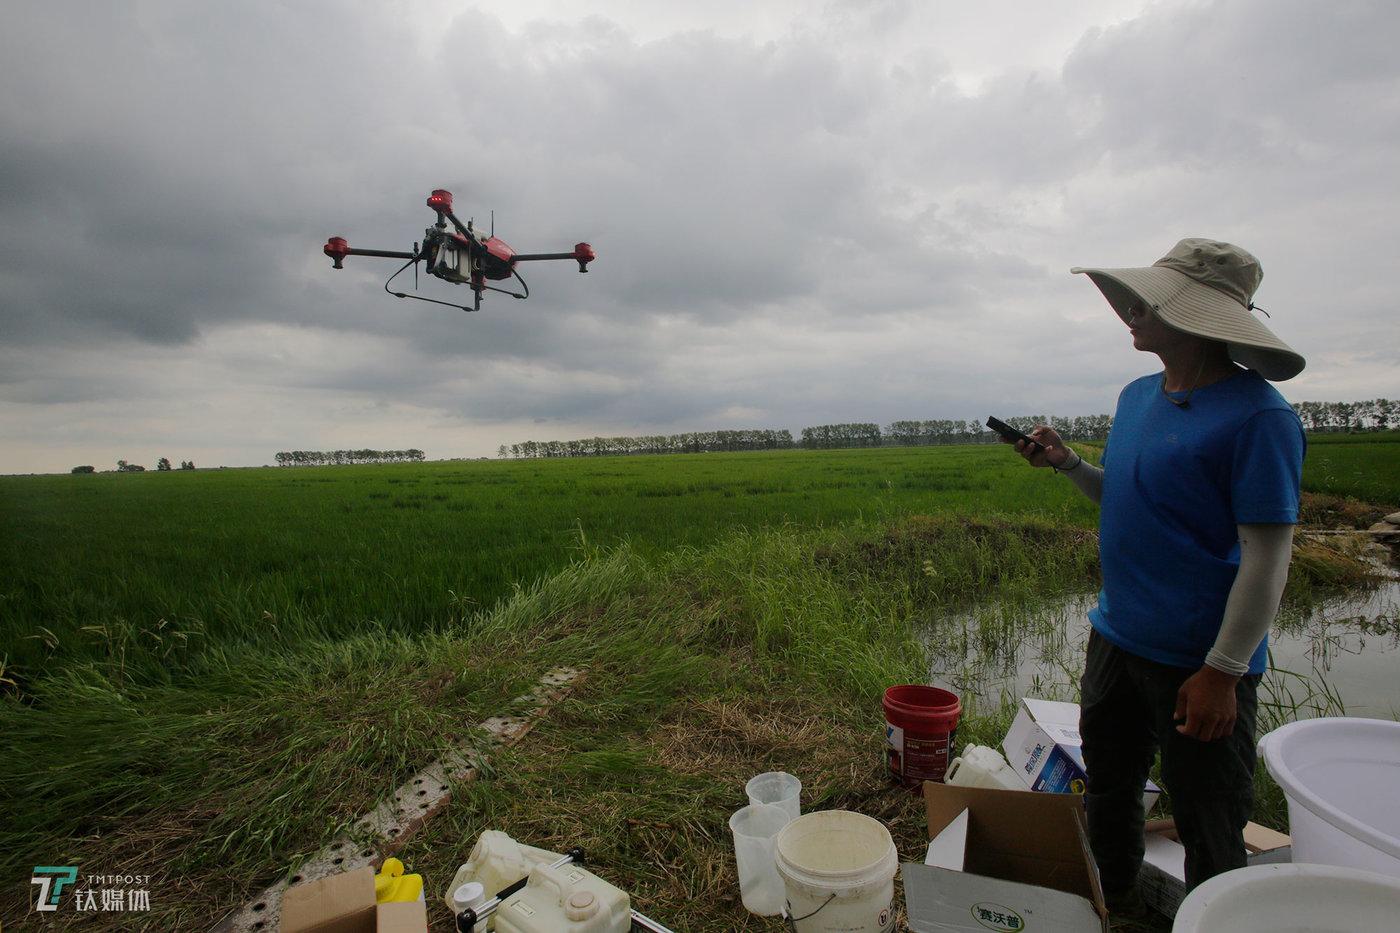 植保无人机2016年开始出现在当地,任维新去年进入这个行业,到现在当地已经有近10个品牌在竞争,作业价格不等,一般在6到8元每亩不等。